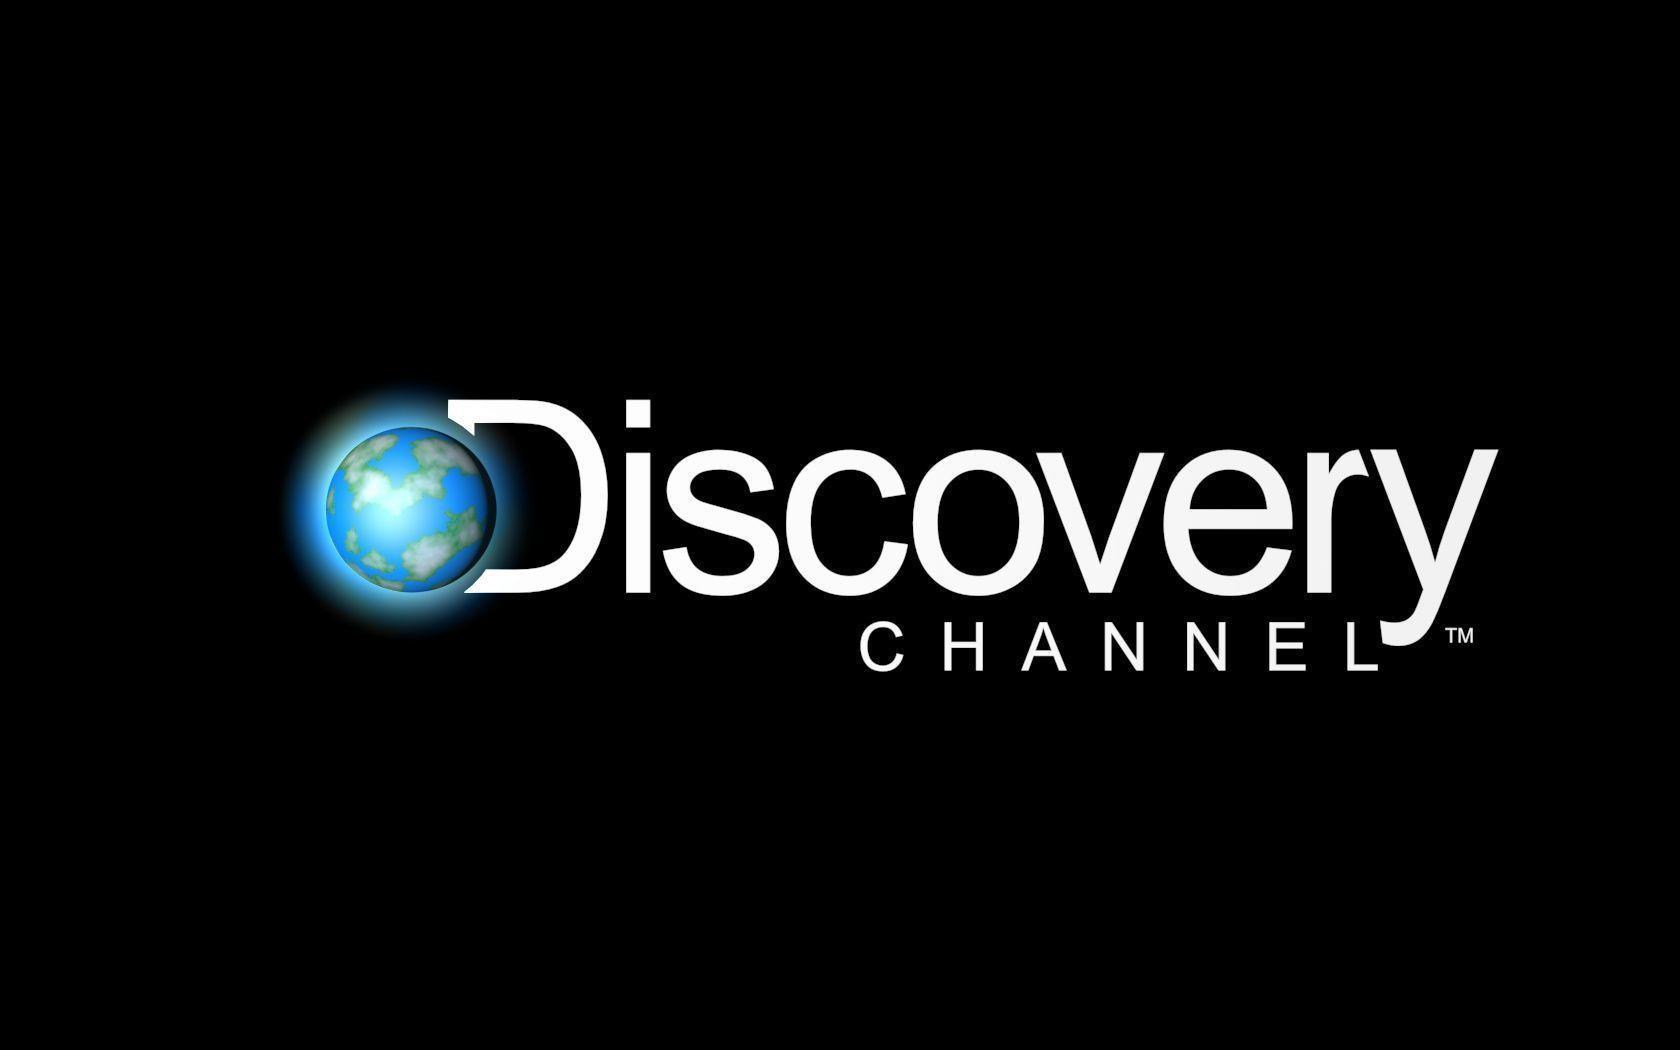 телеканал дискавери смотреть онлайн